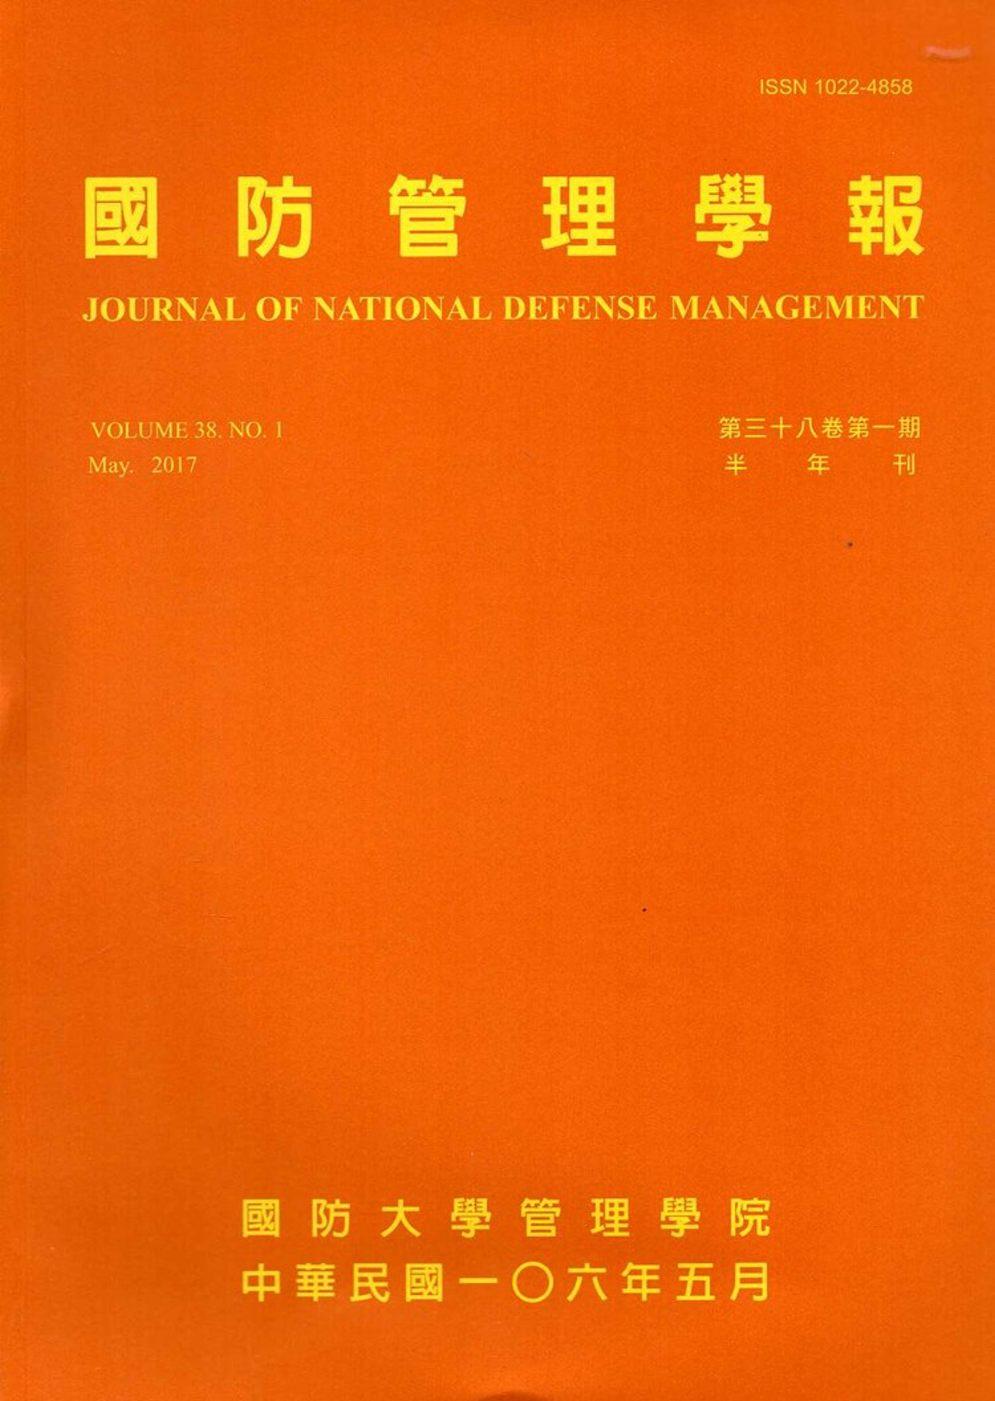 國防管理學報第38卷1期(2017.05)